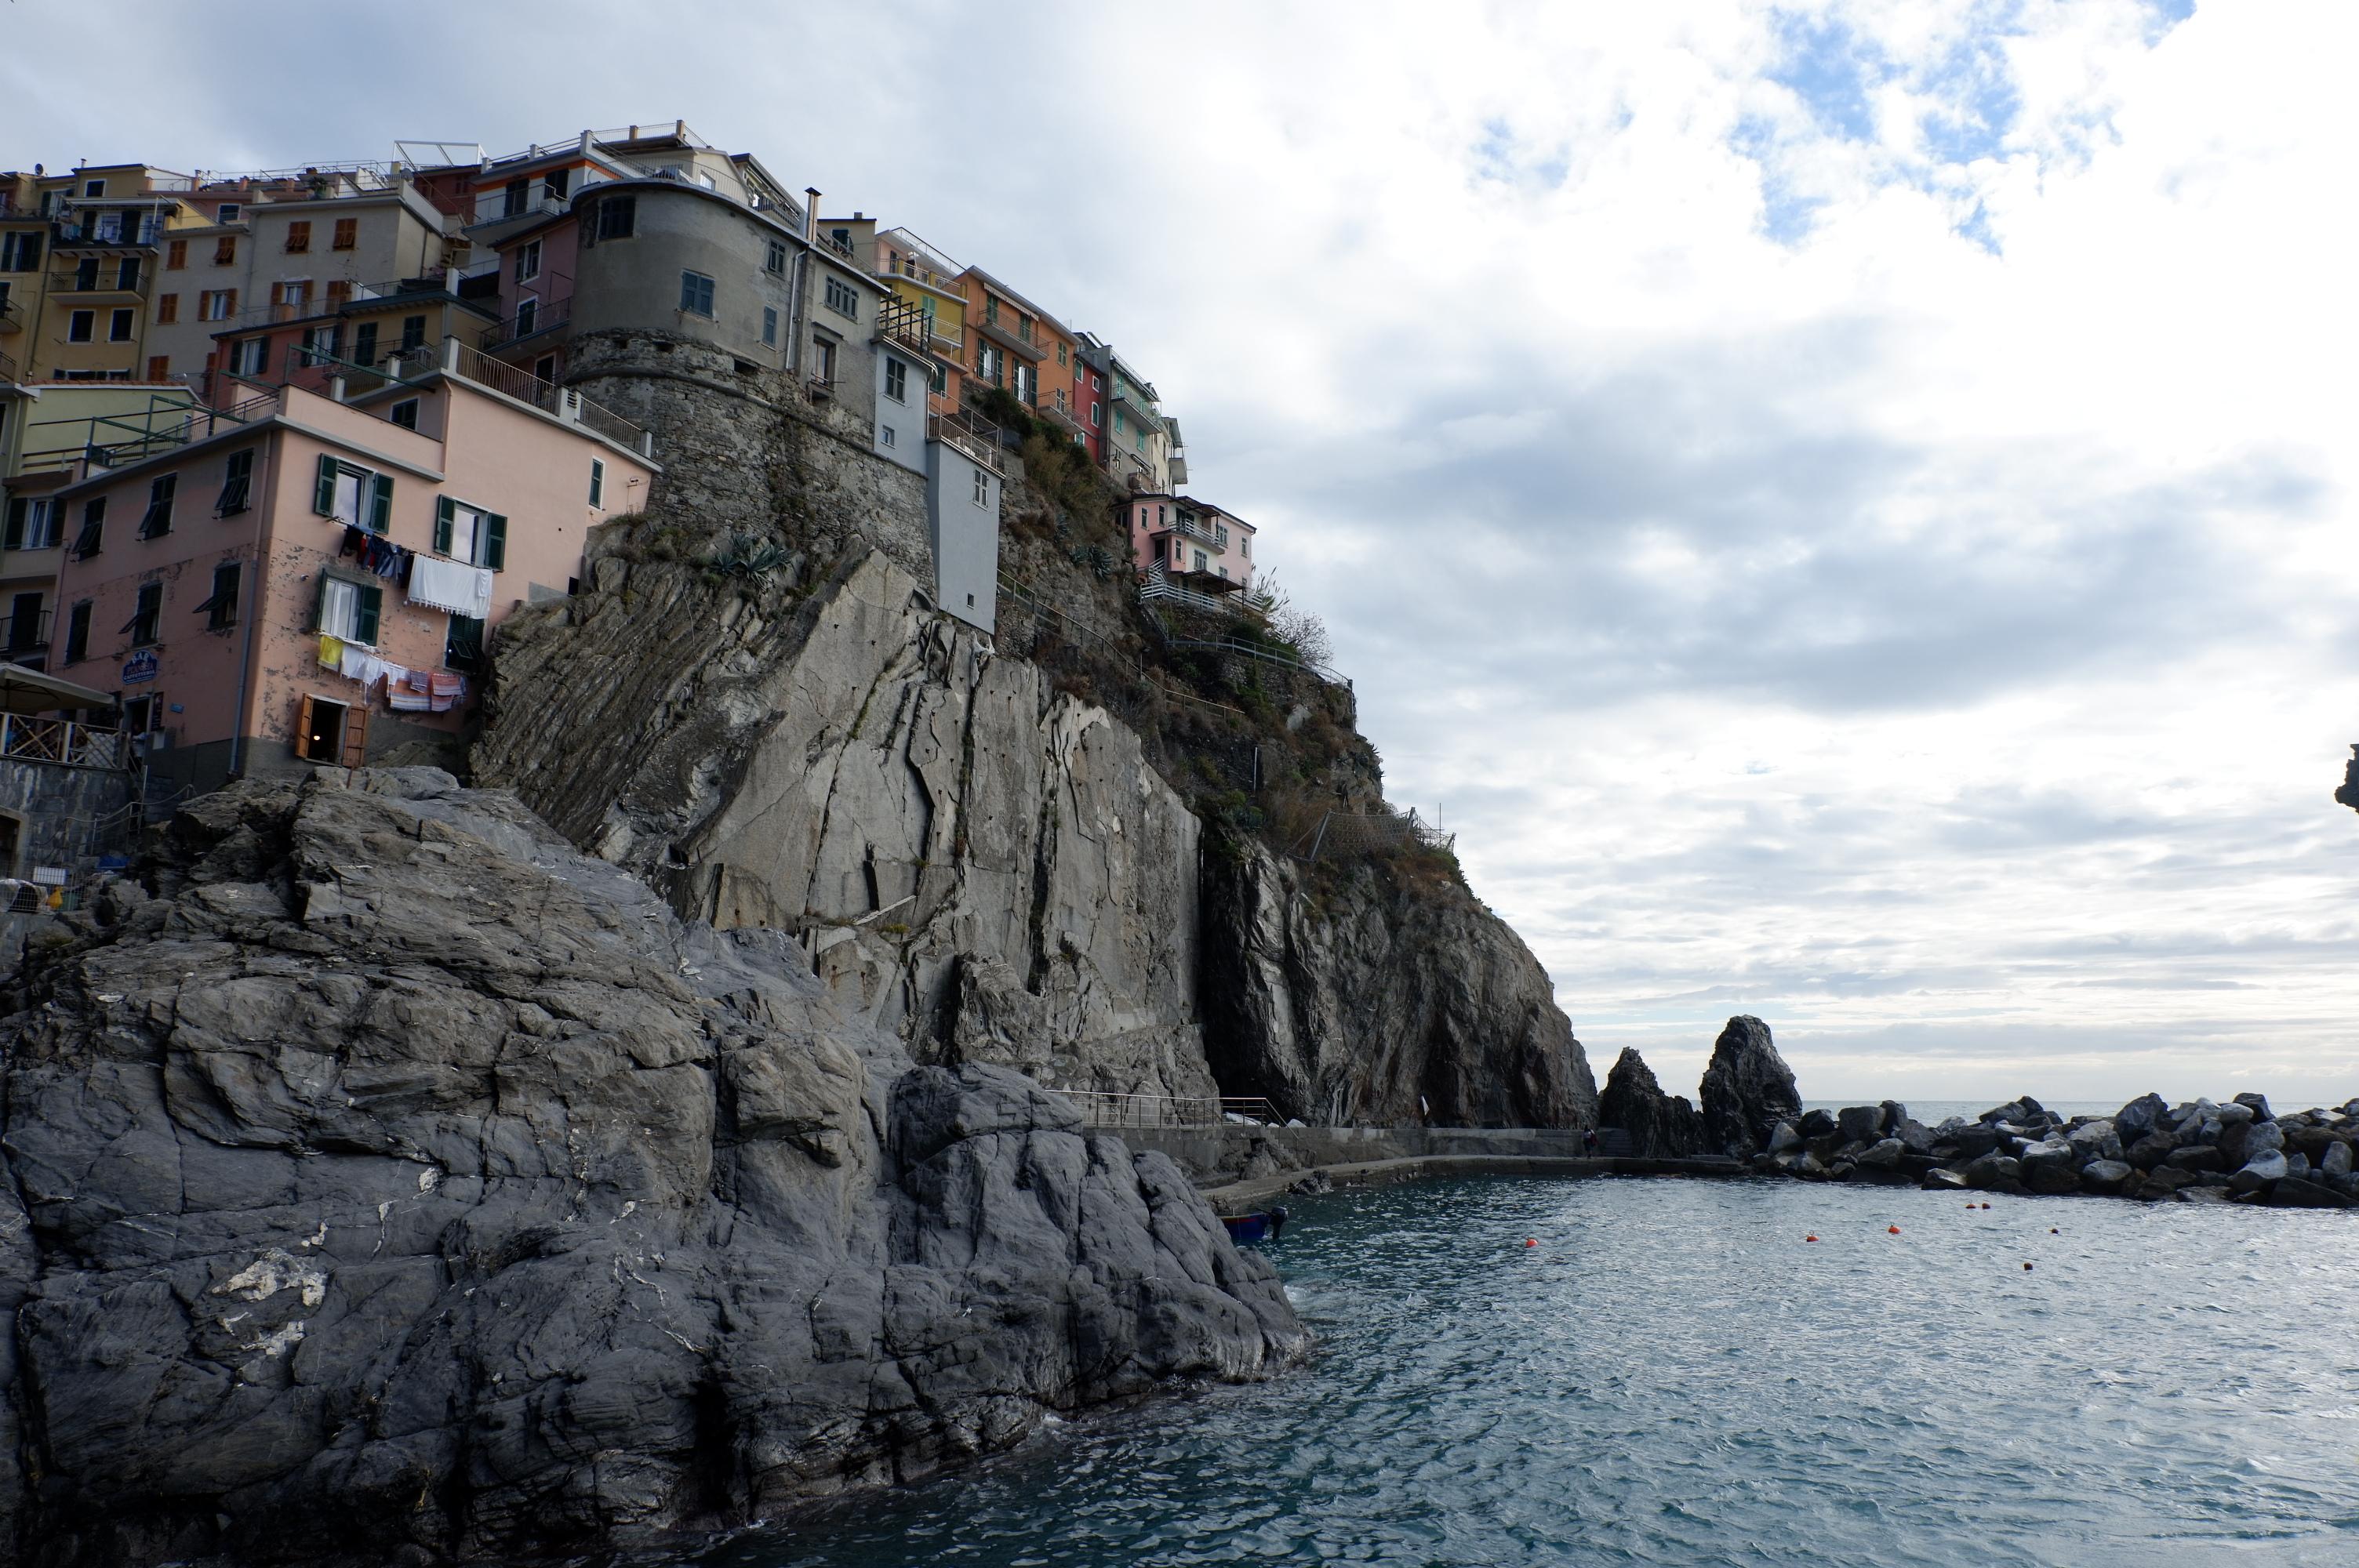 Cinque Terre - 意大利的色彩